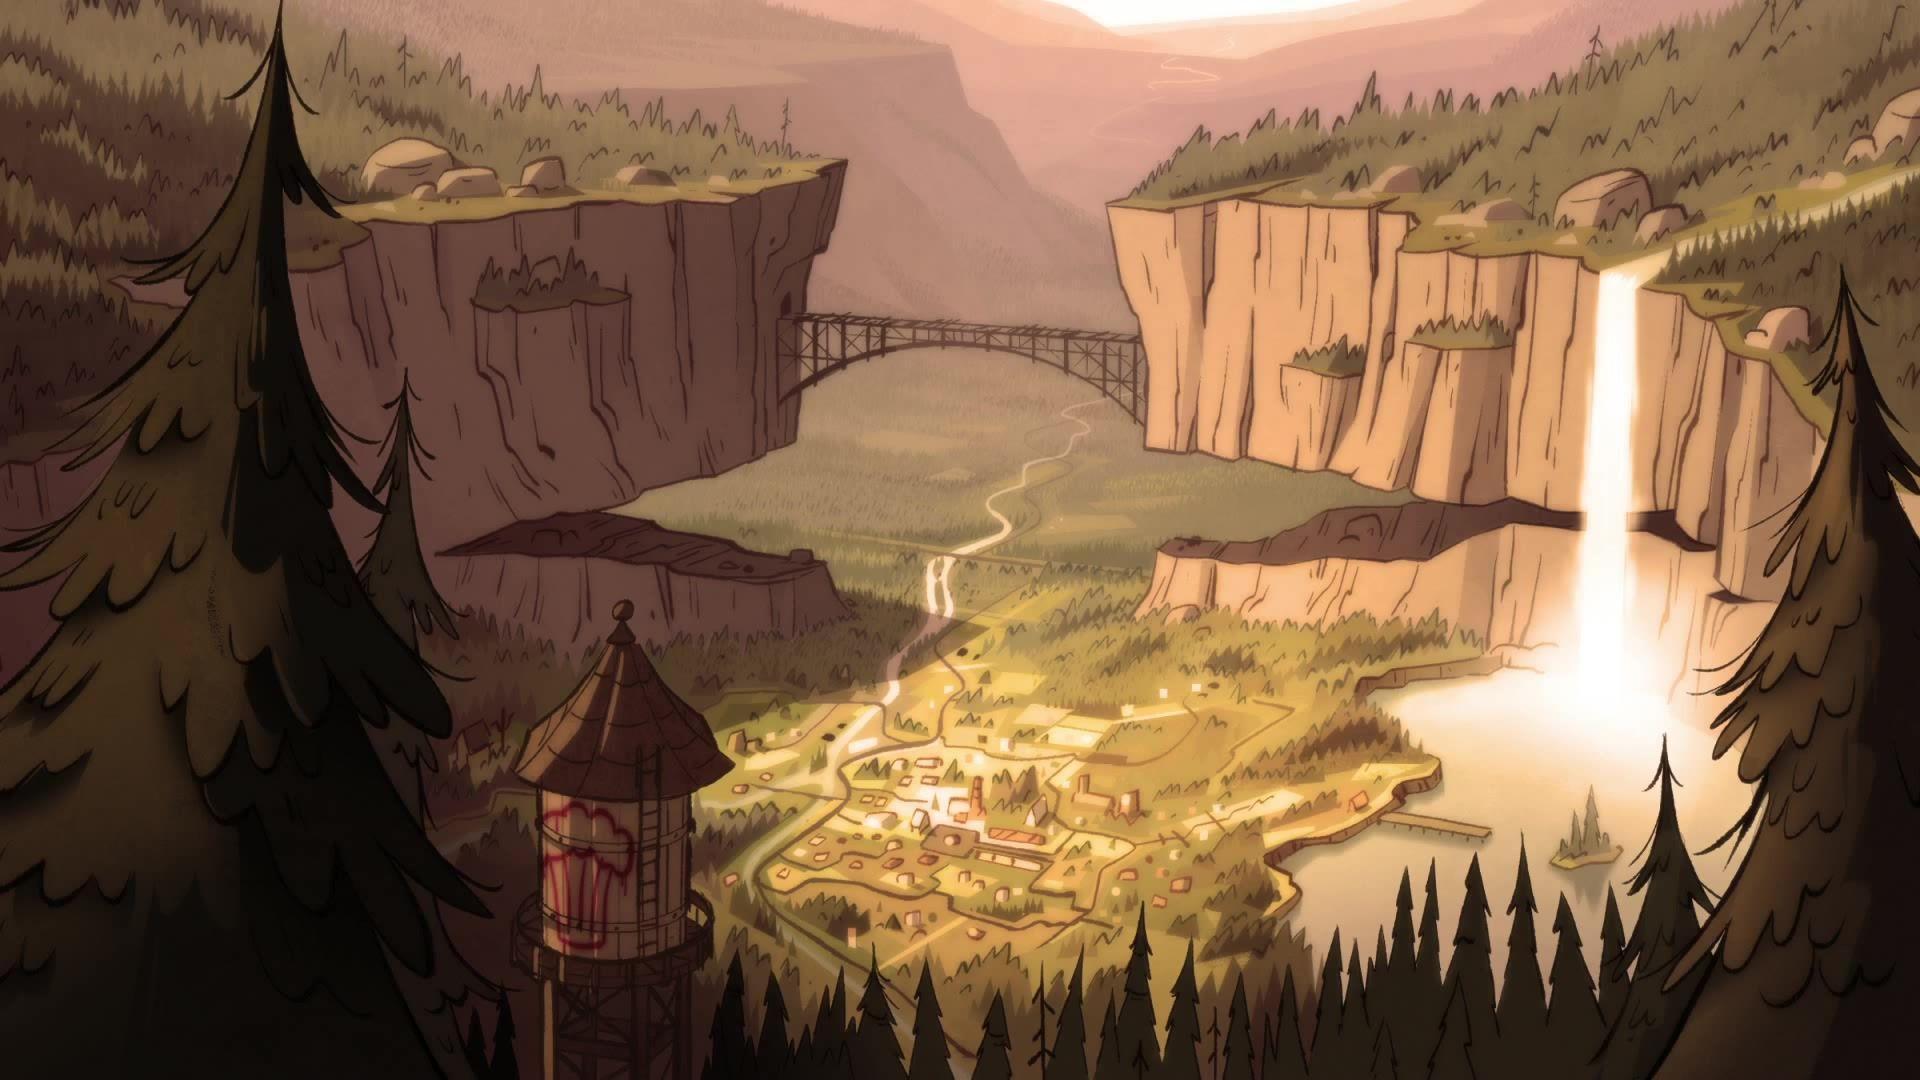 Gravity Falls Wallpapers - Wallpaper Cave